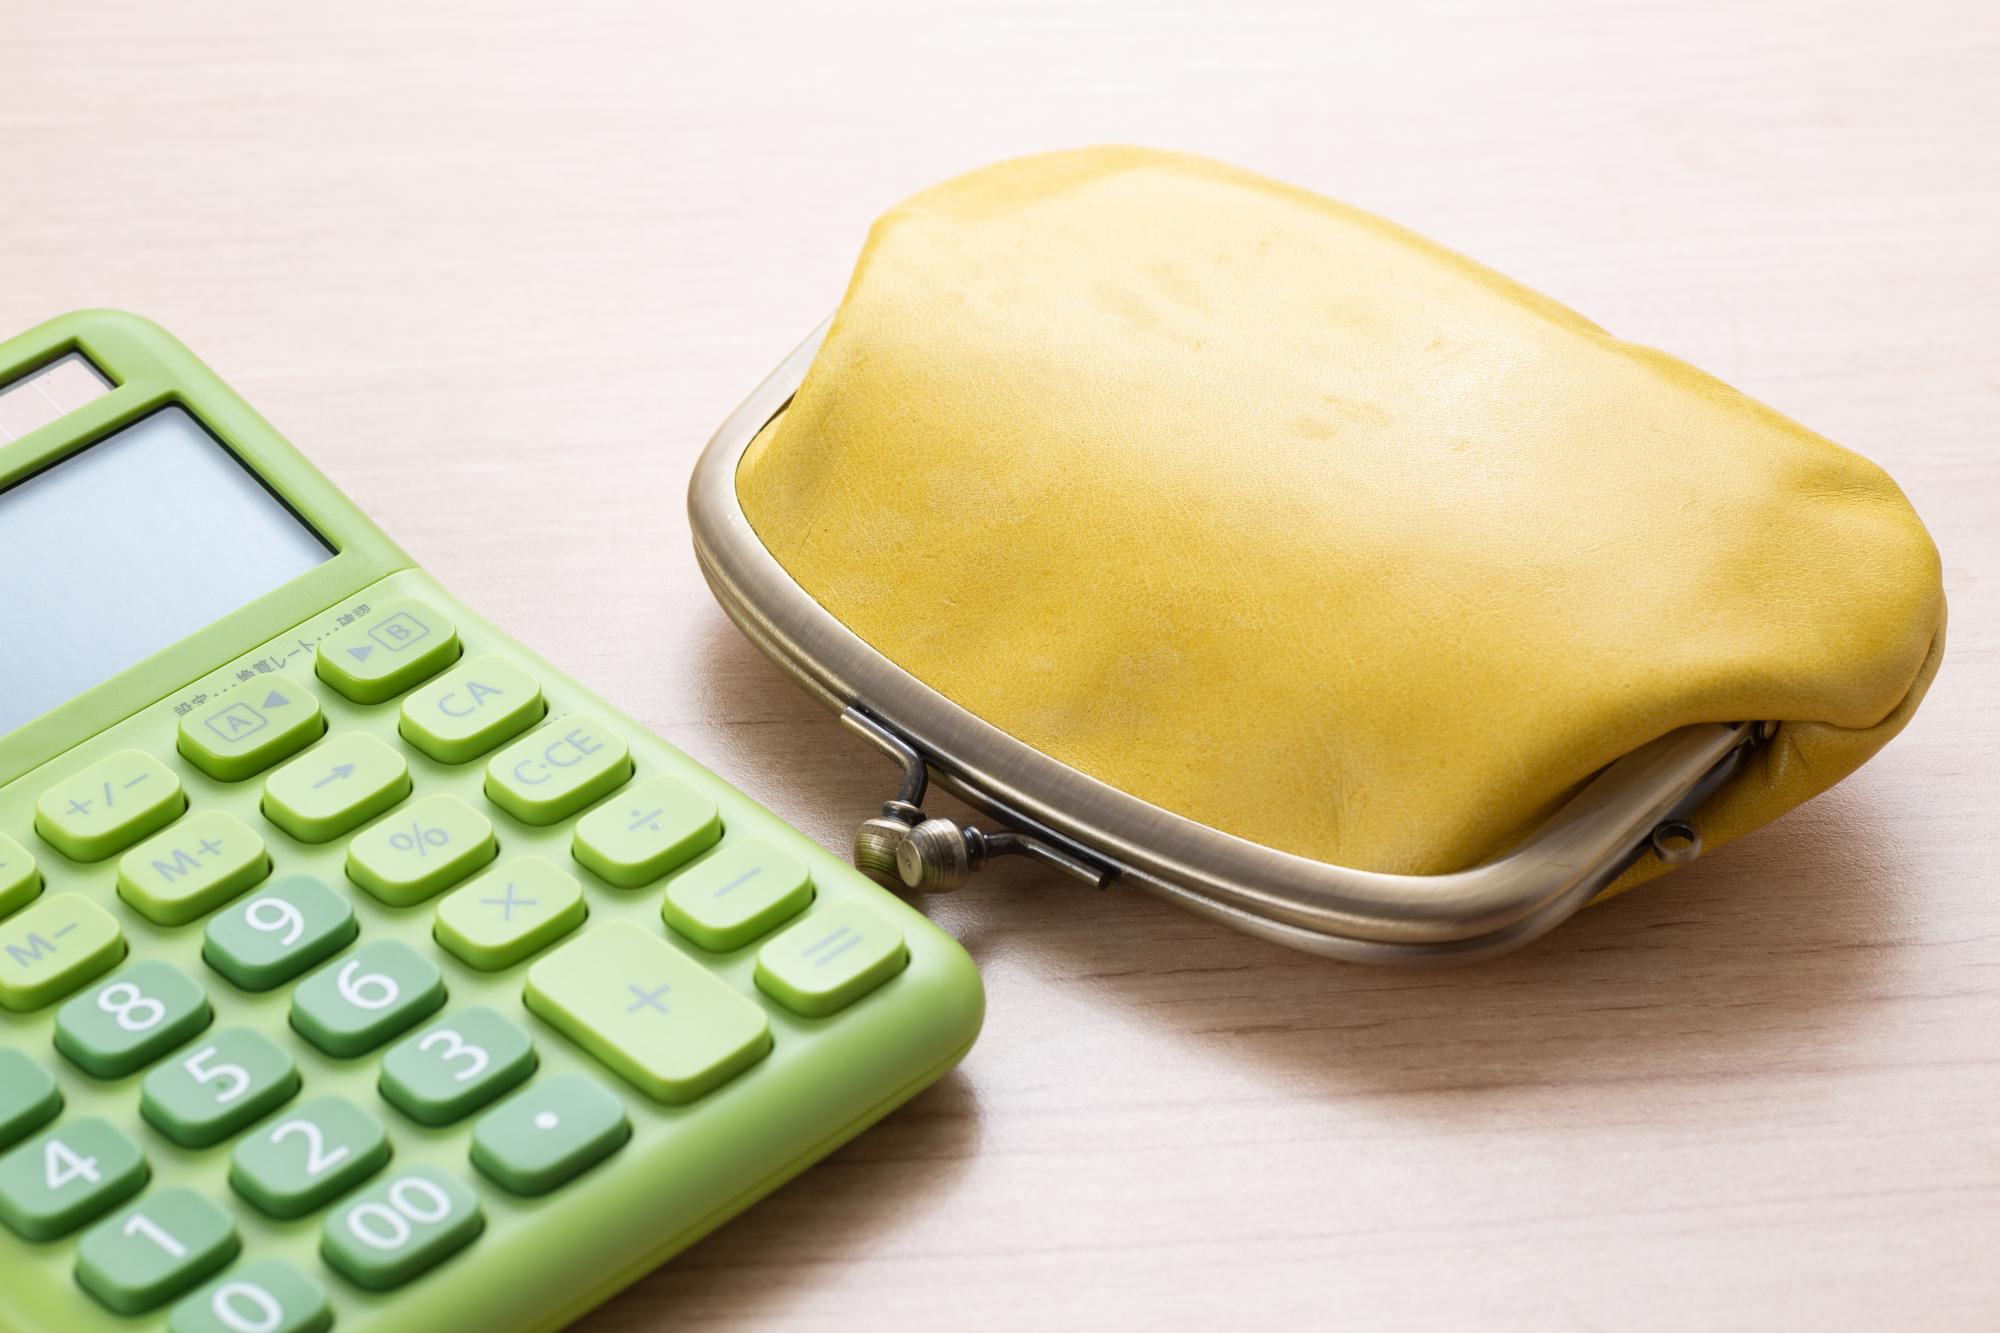 財布と電卓のイメージ